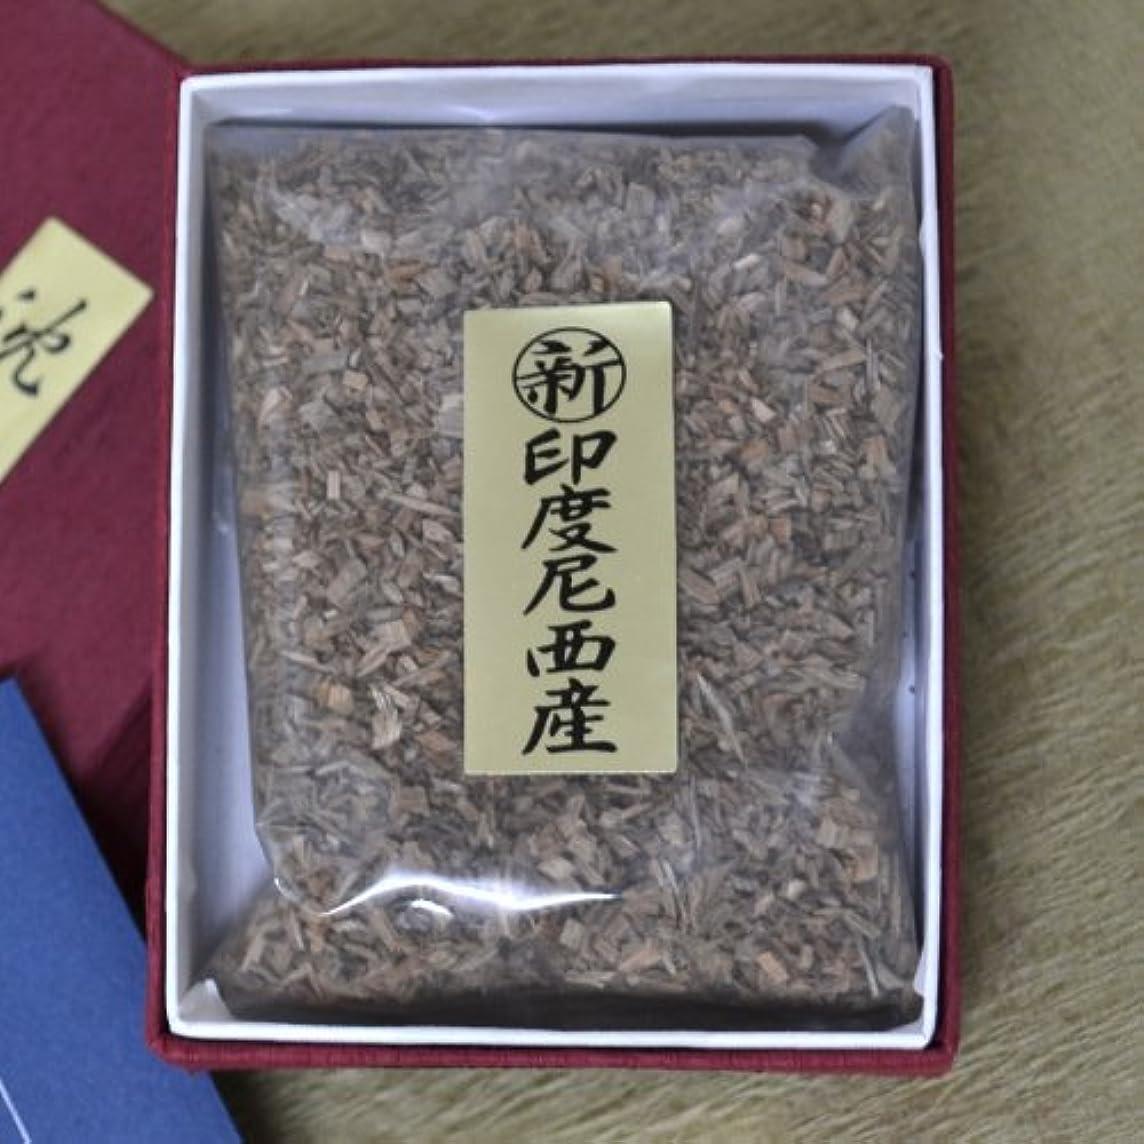 ギャラントリーハングカンガルー香木 お焼香 新インドネシア産 沈香 【最高級品】 18g